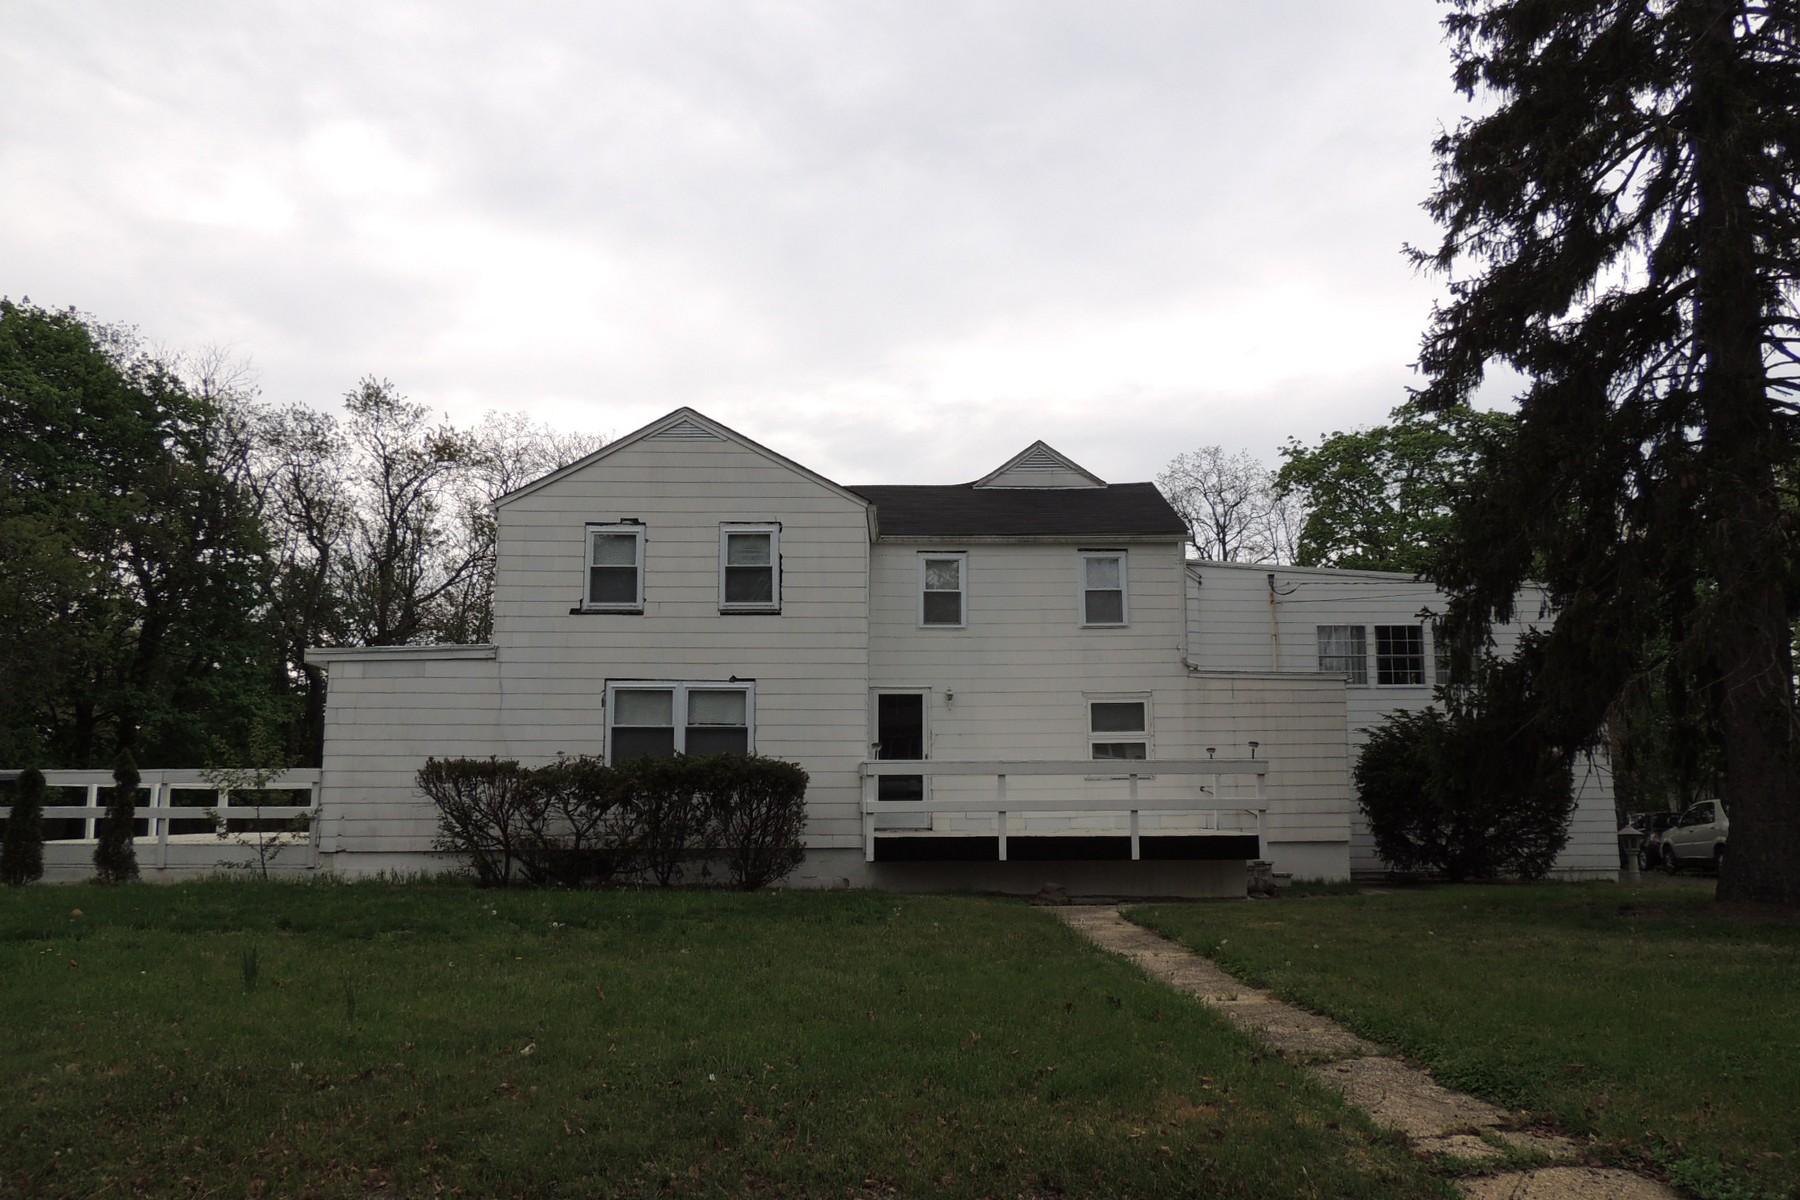 一戸建て のために 売買 アット 465 W. Park Avenue Ocean, ニュージャージー 07755 アメリカ合衆国